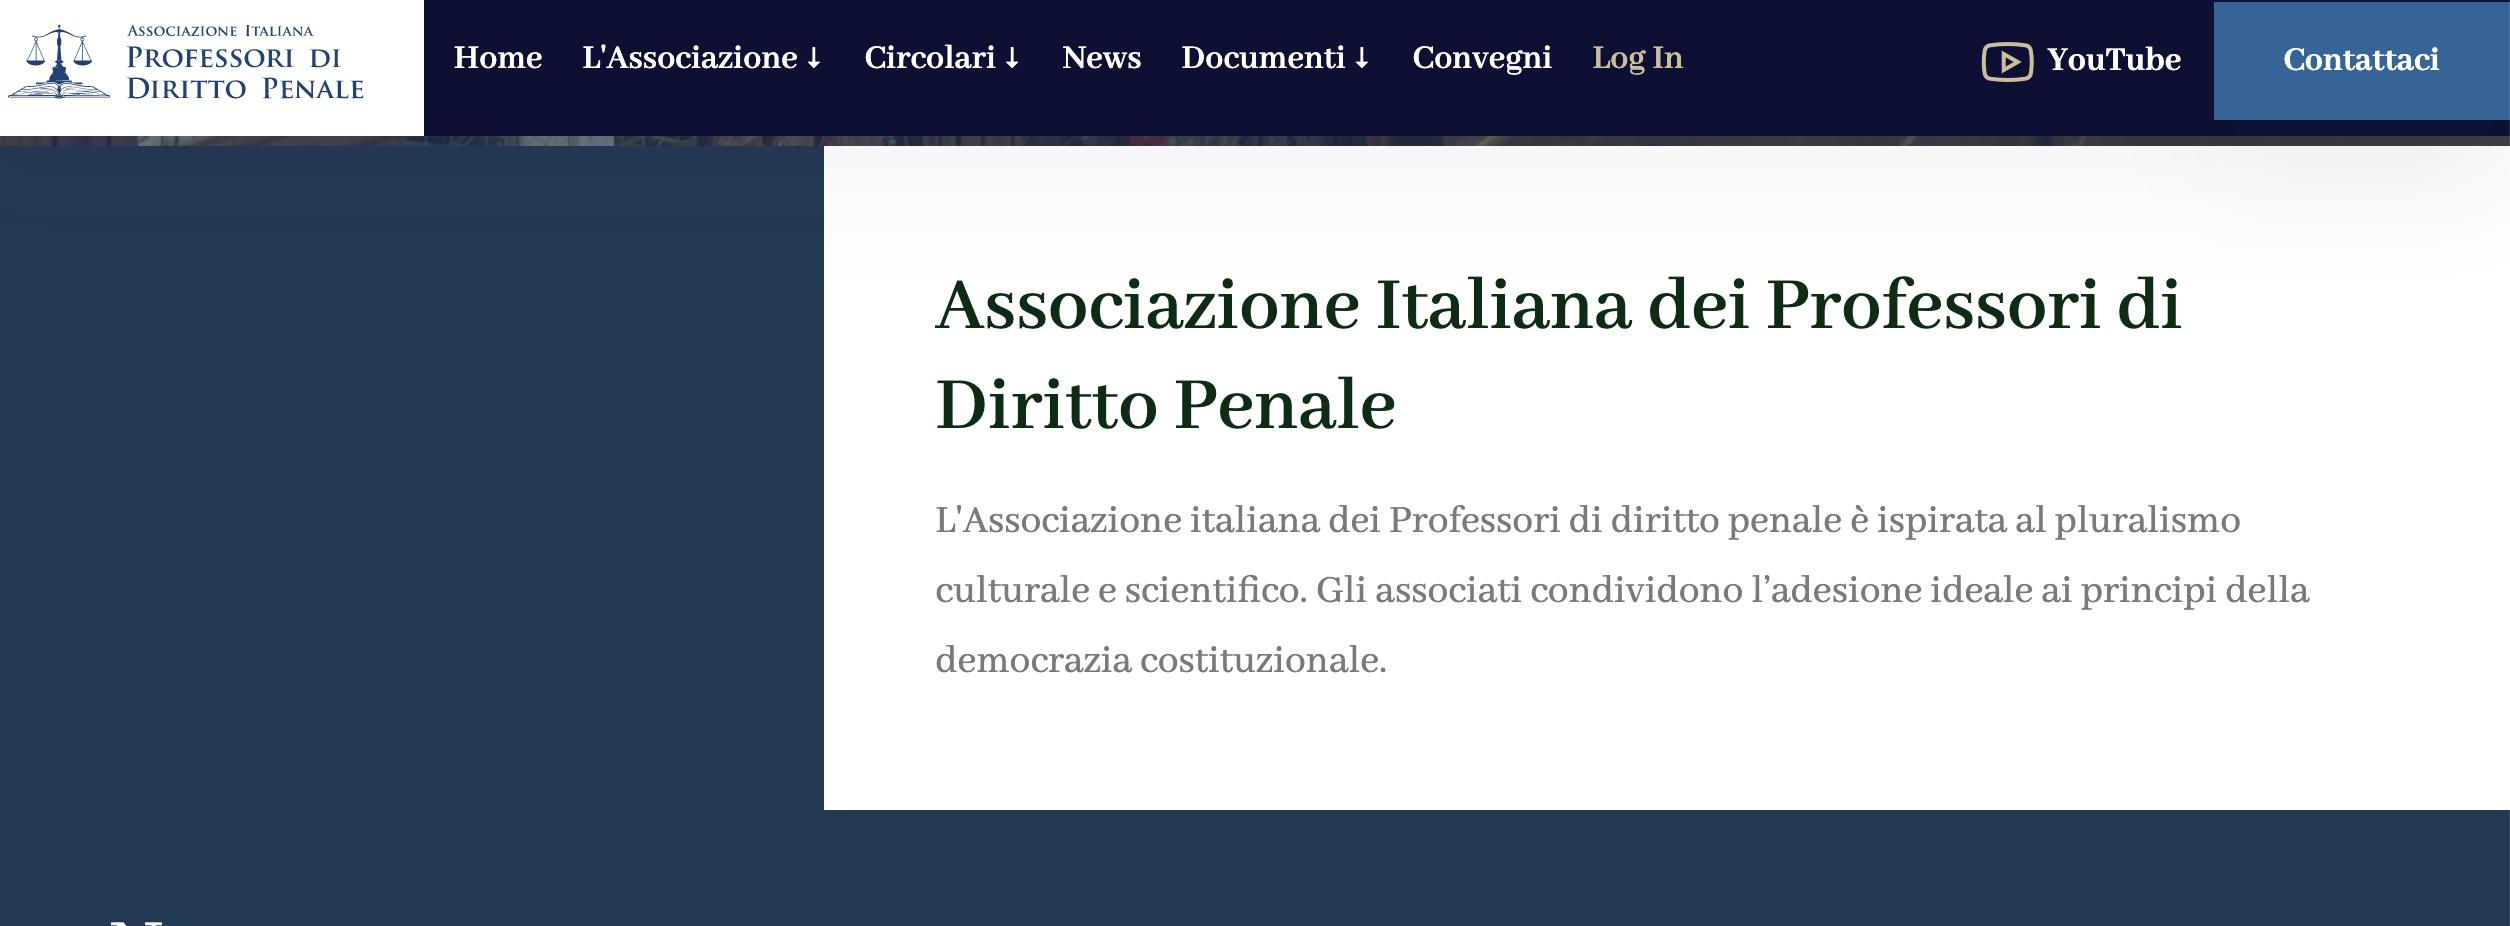 ASSOCIAZIONE ITALIANA DEI PROFESSORI DI DIRITTO PENALE: COMUNICATO SUI FATTI DI SANTA MARIA CAPUA VETERE